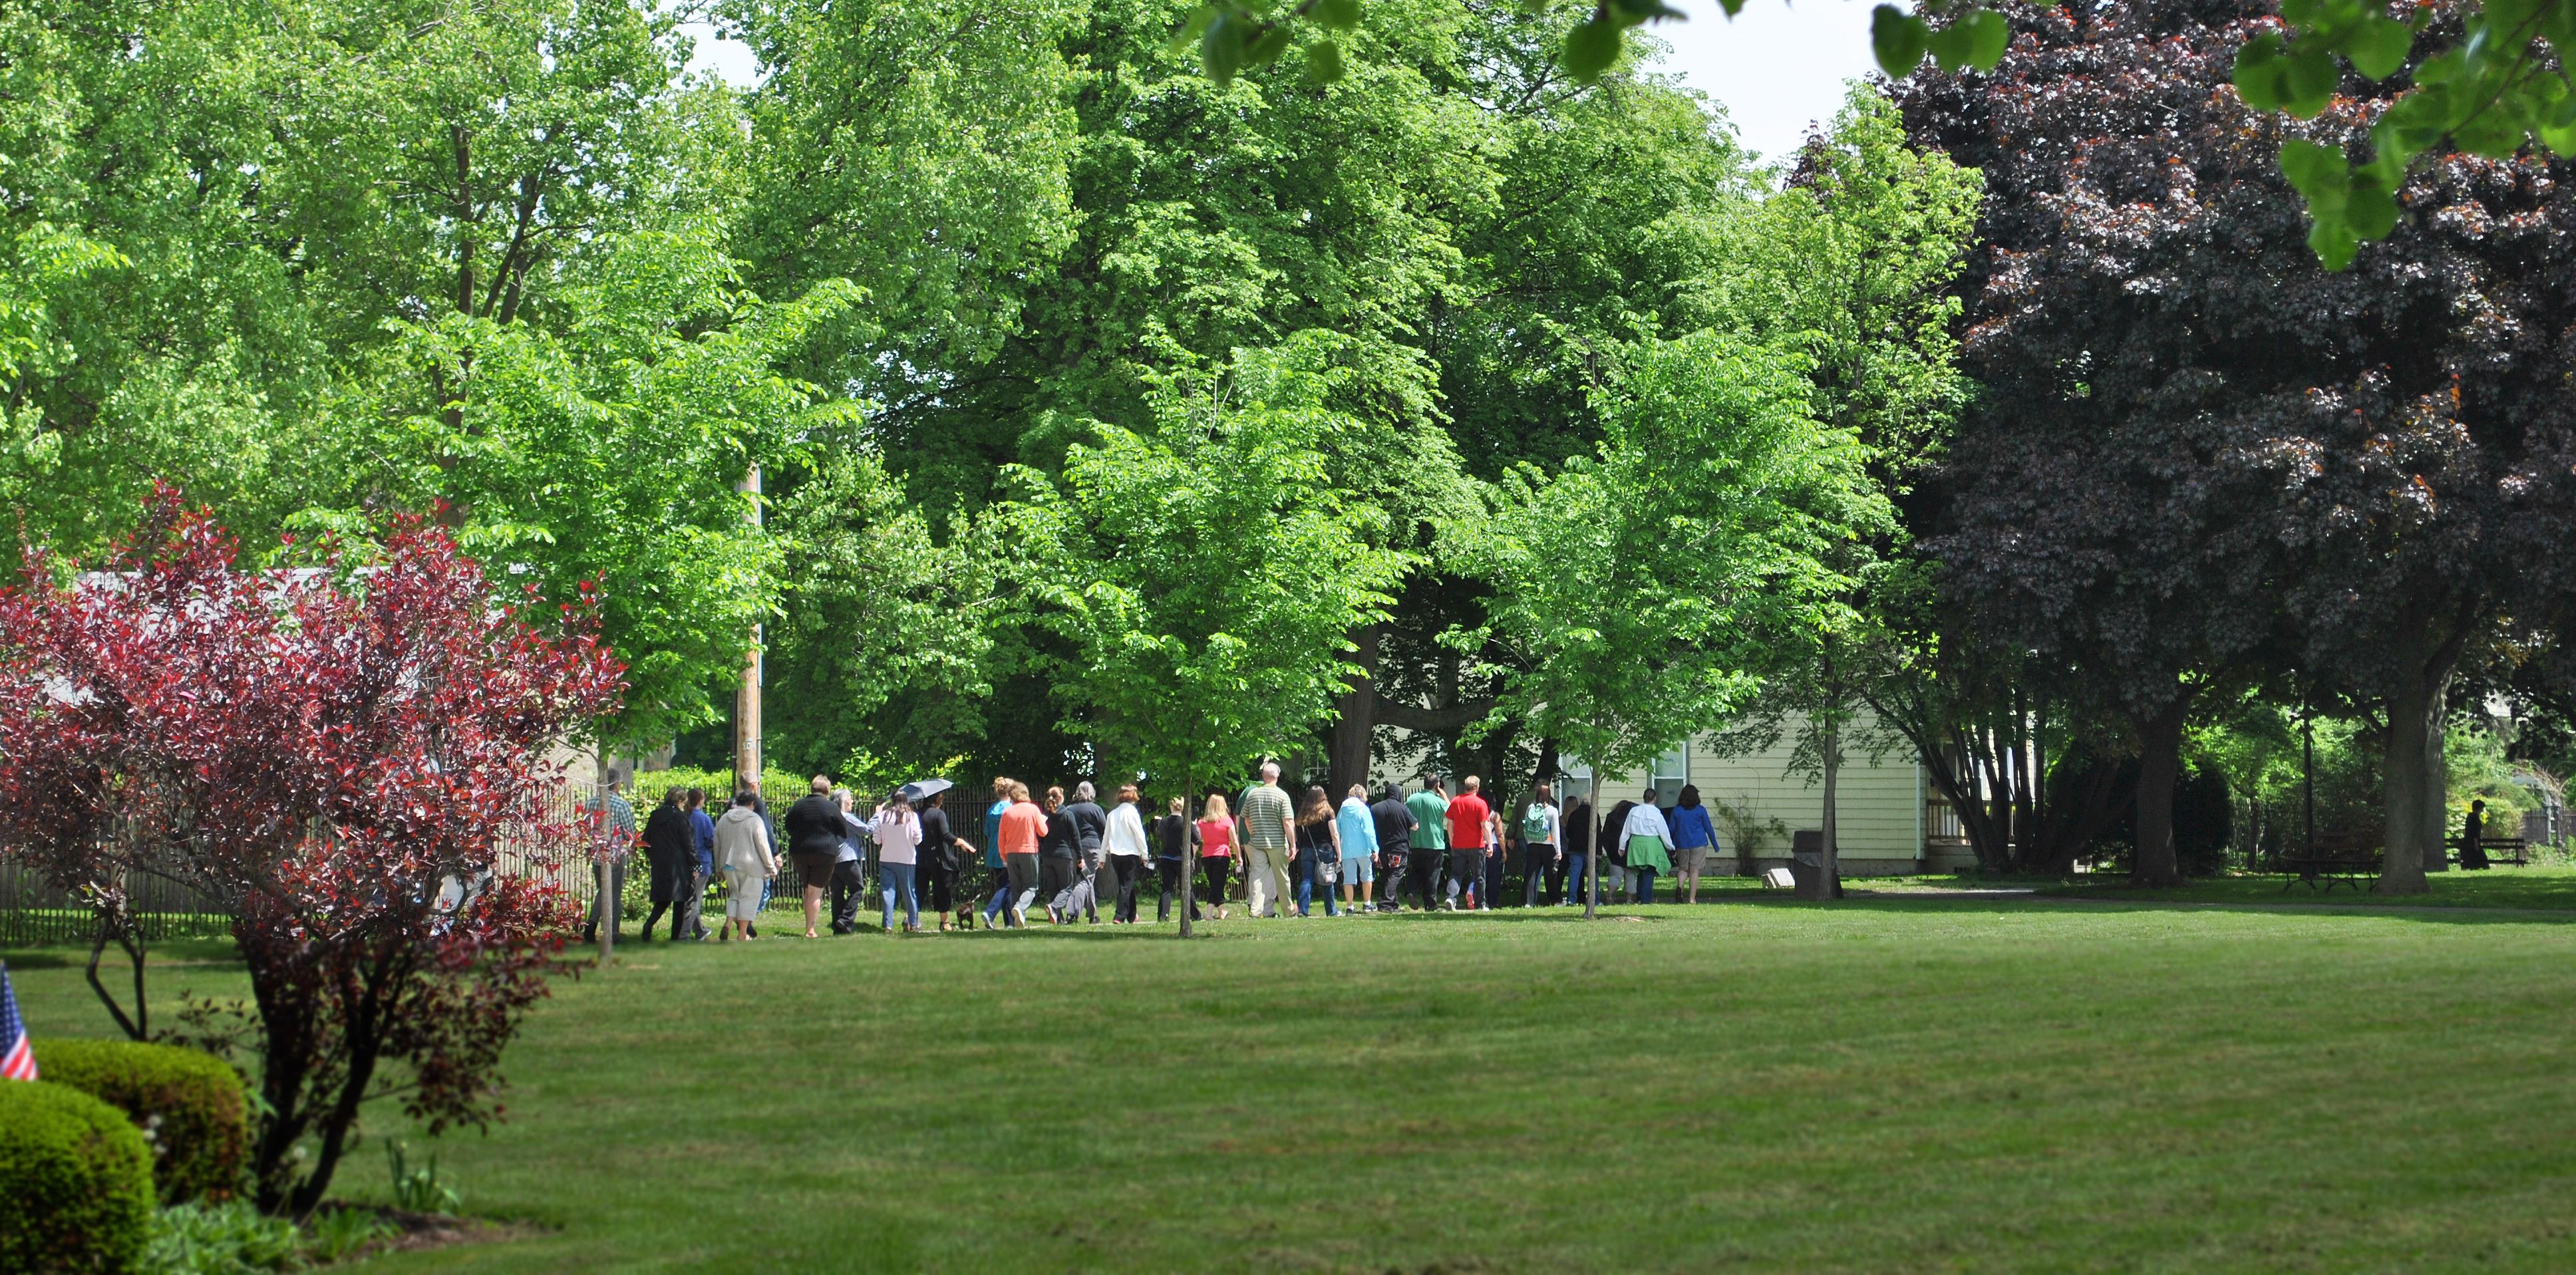 long line of walkers4.jpg